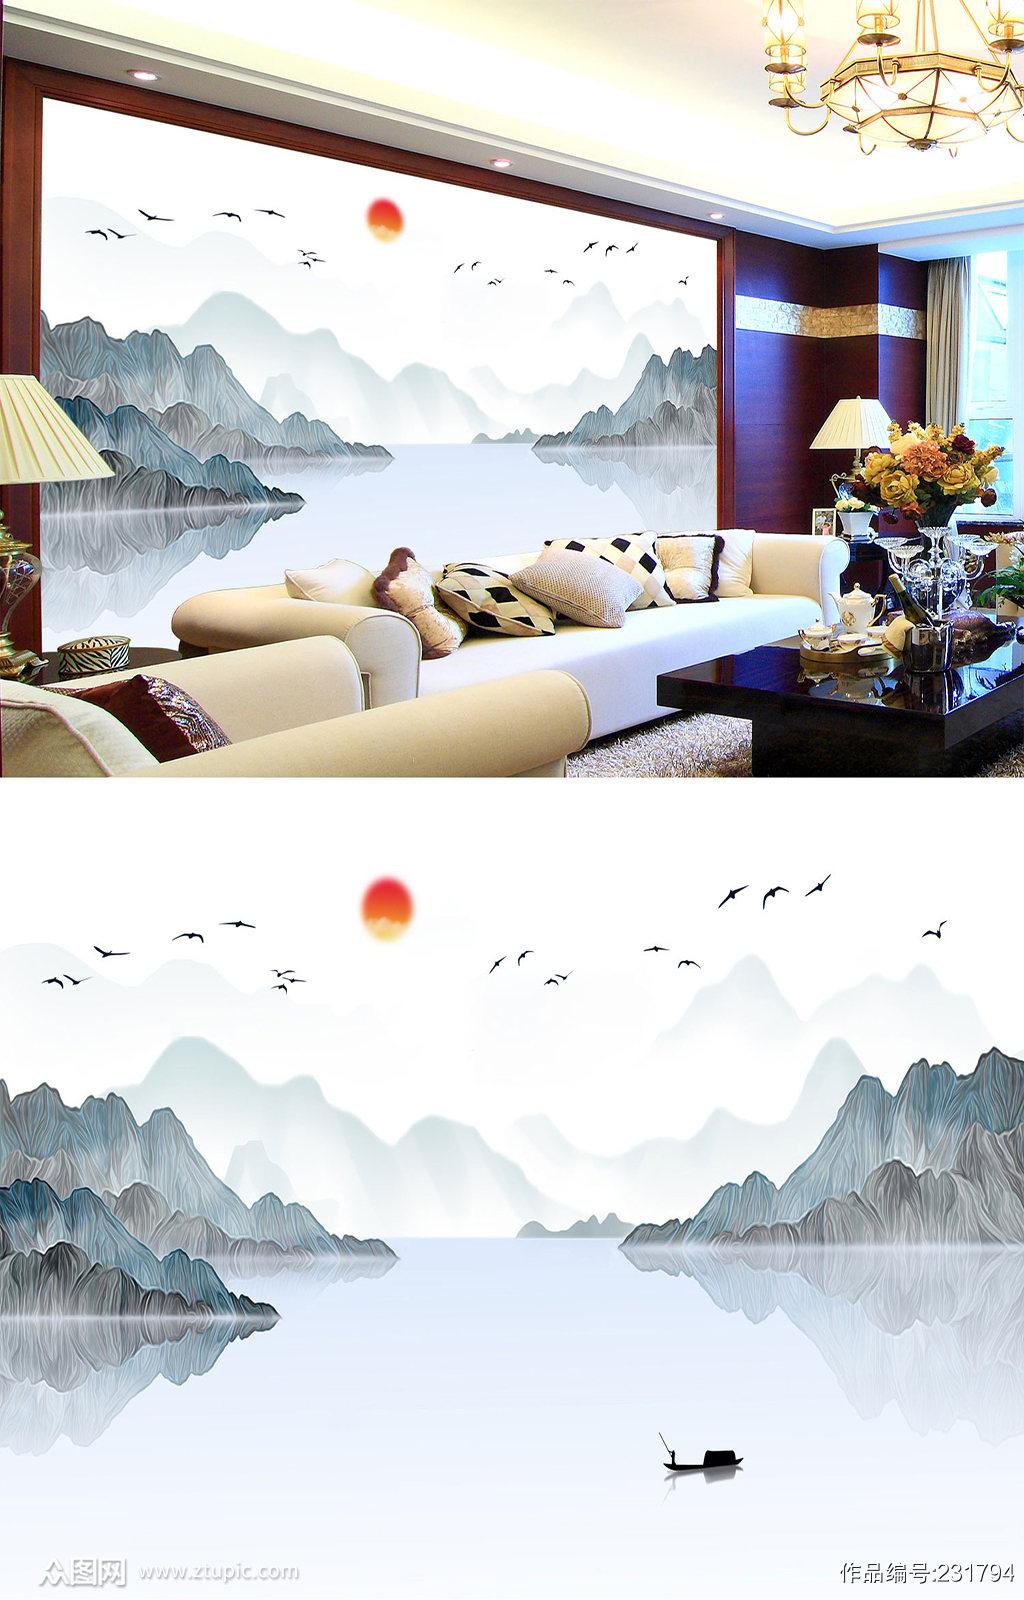 飞鸟水墨山水画背景墙素材